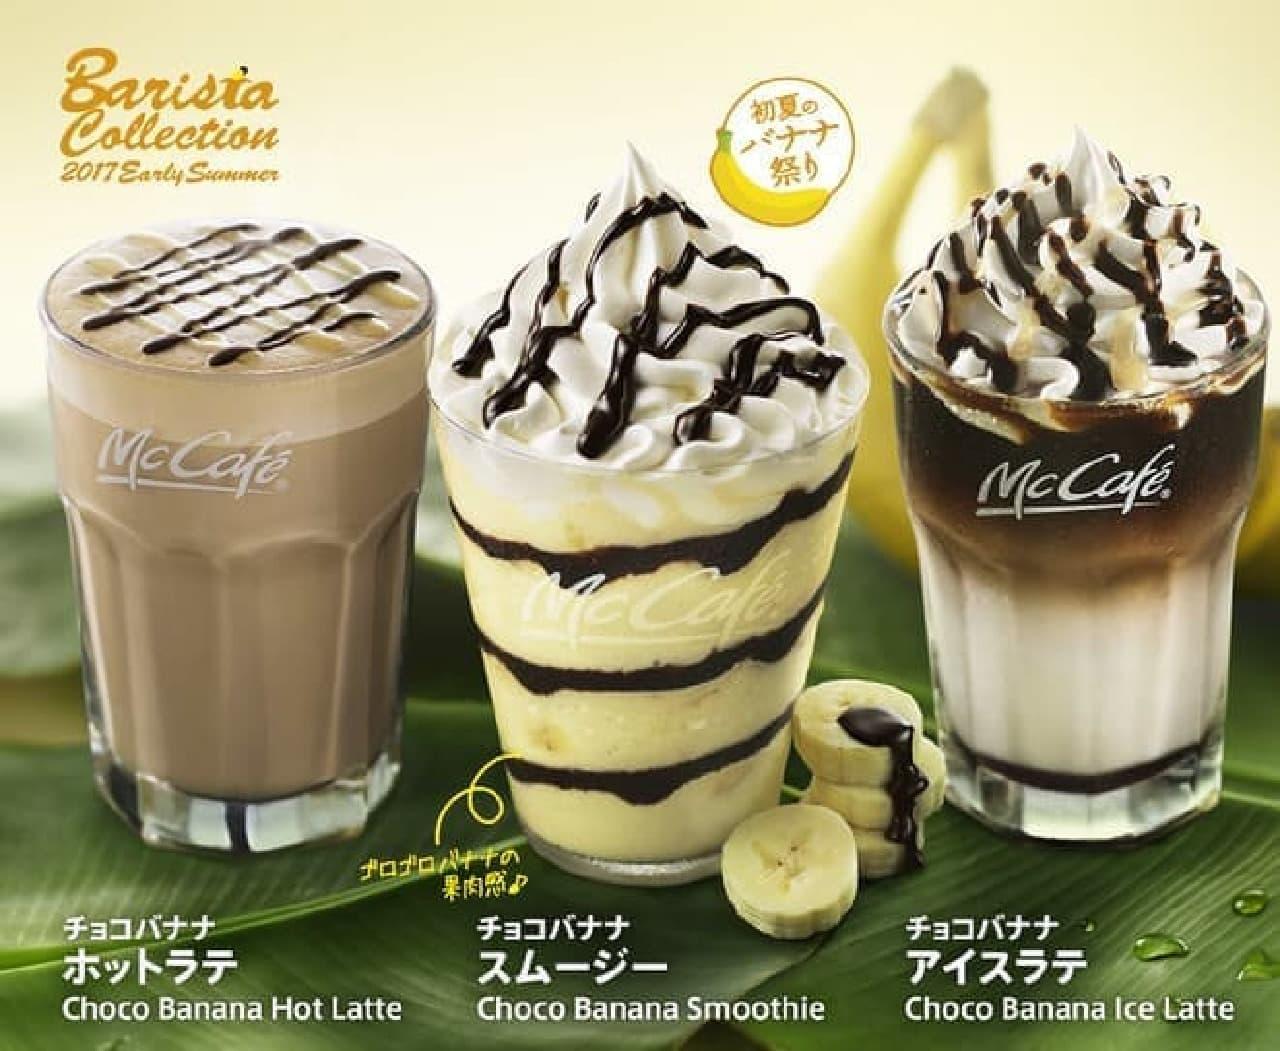 マックカフェ「チョコバナナスムージー」「アイスチョコバナナラテ」「チョコバナナラテ」